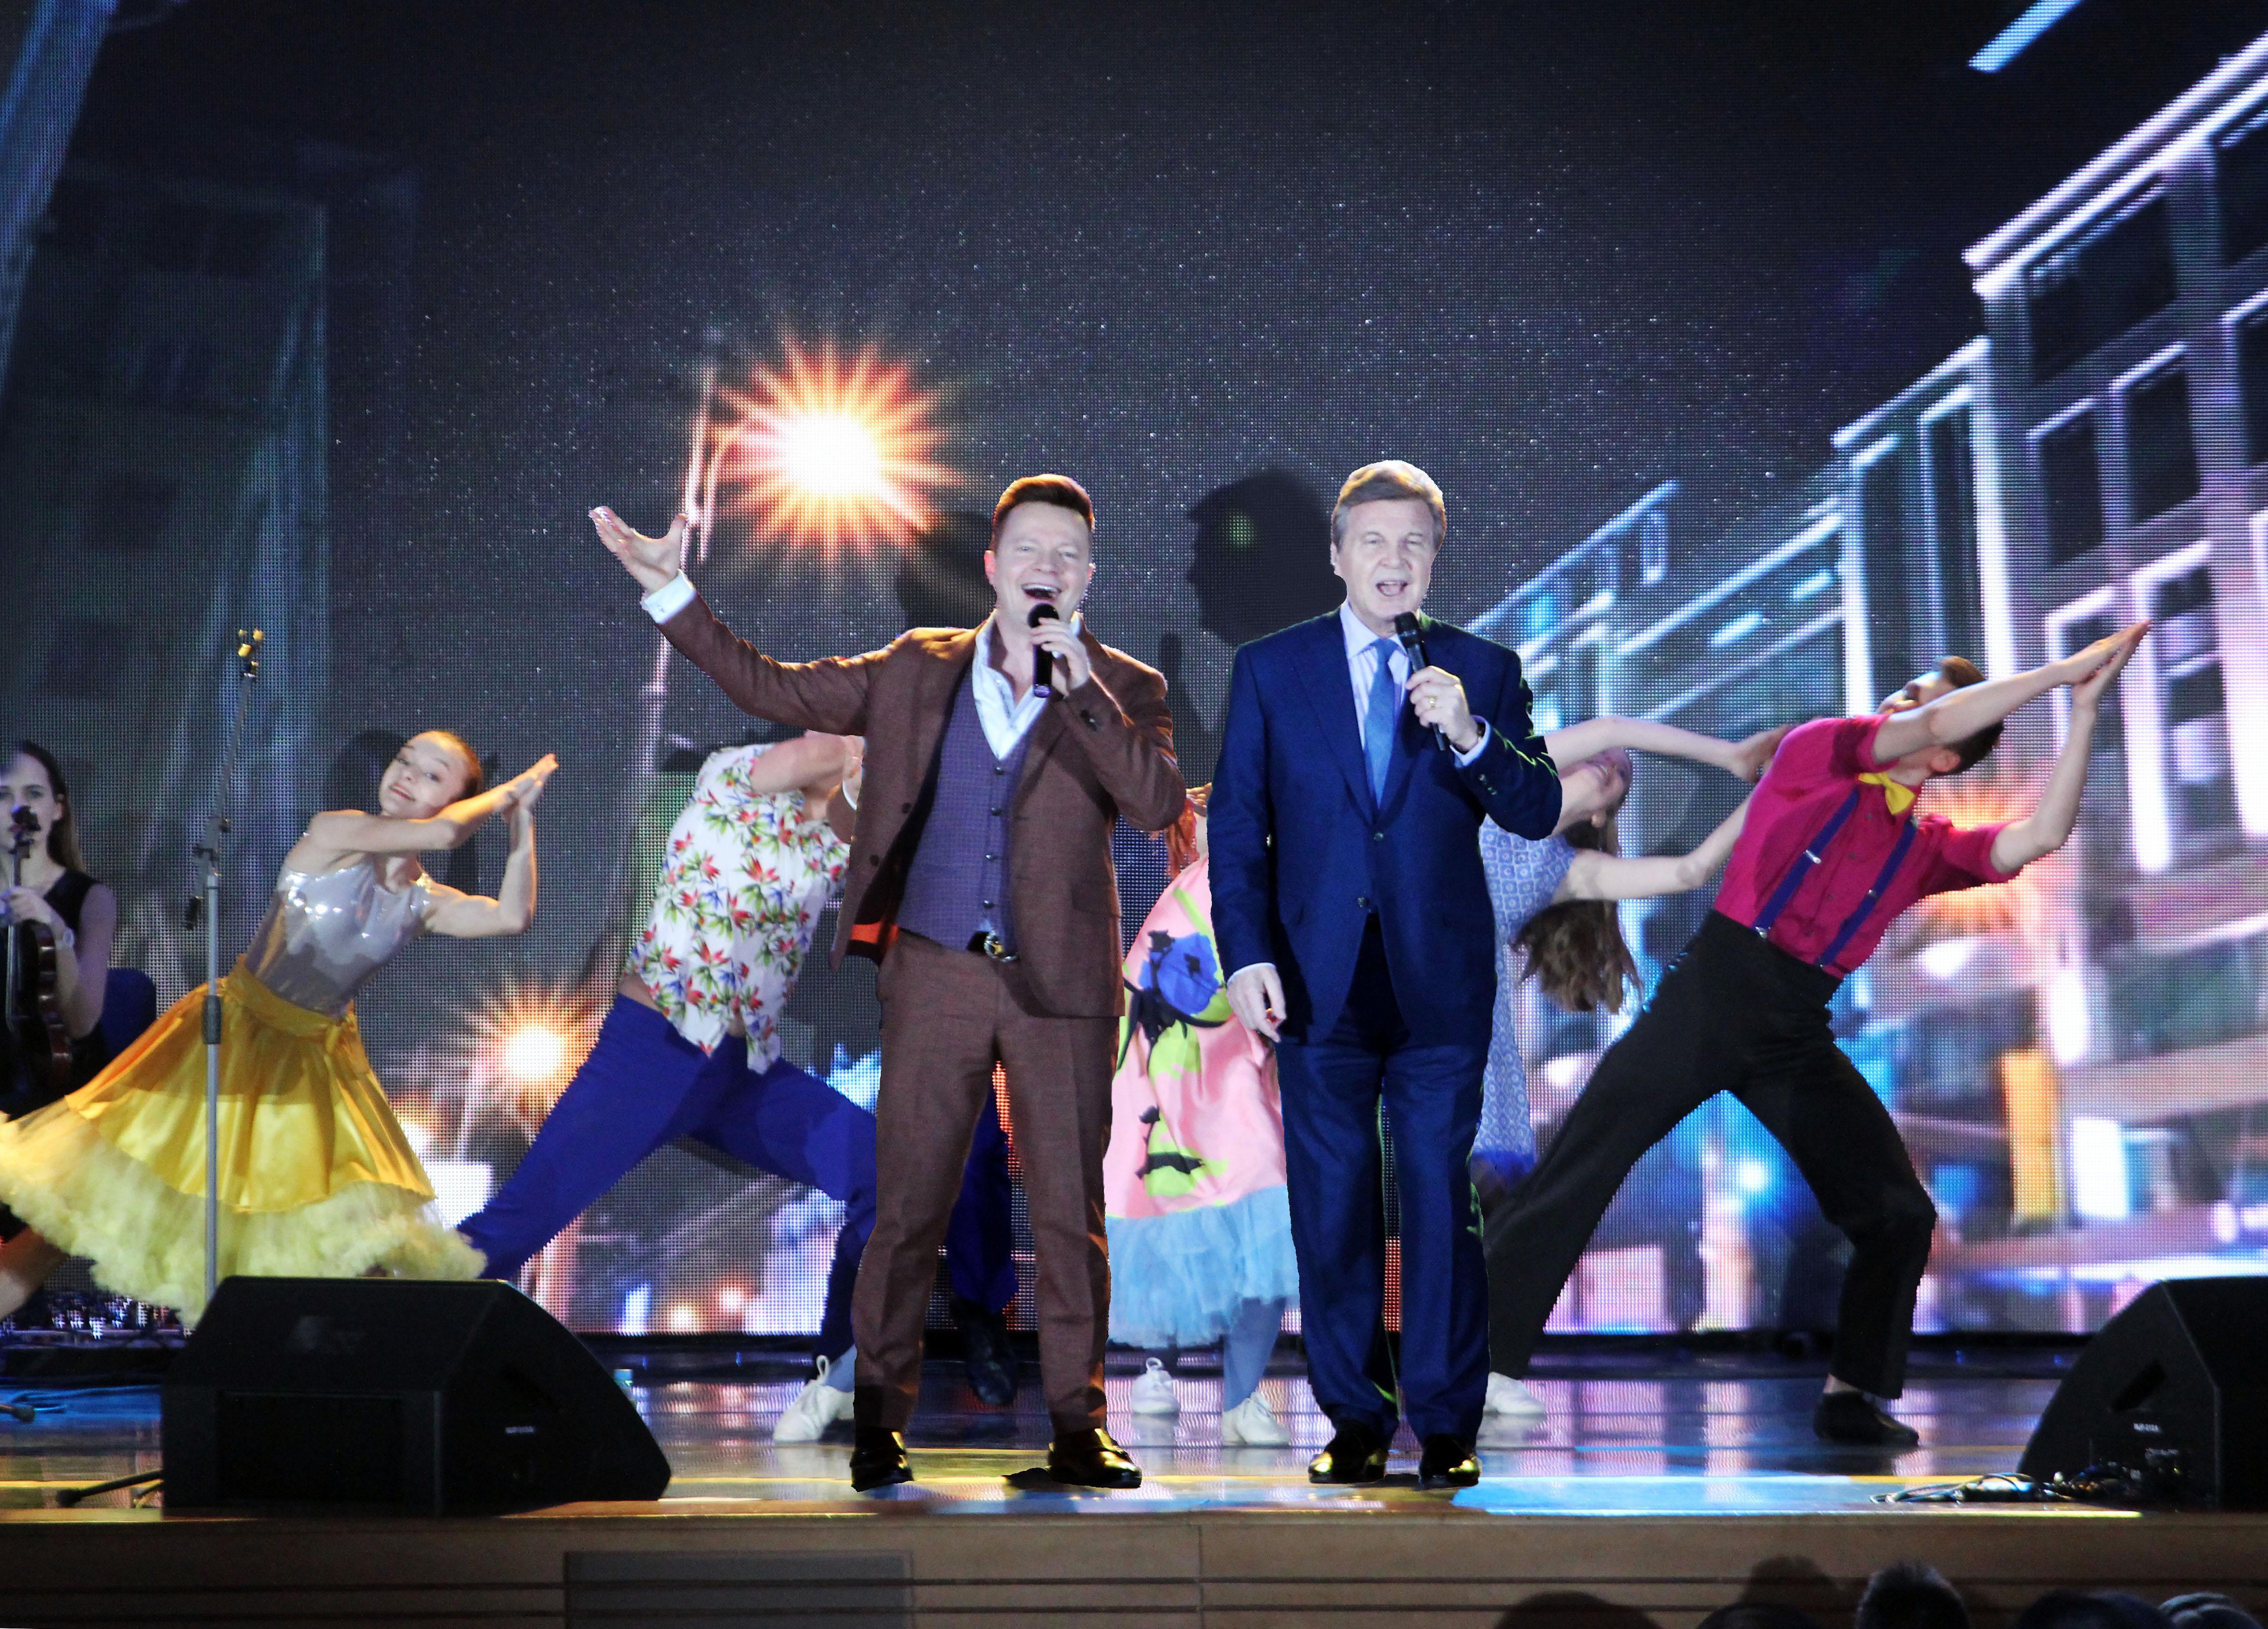 Юбилейный концерт Сергея Войтенко и Баян MIX в Кремле (фоторепортаж)